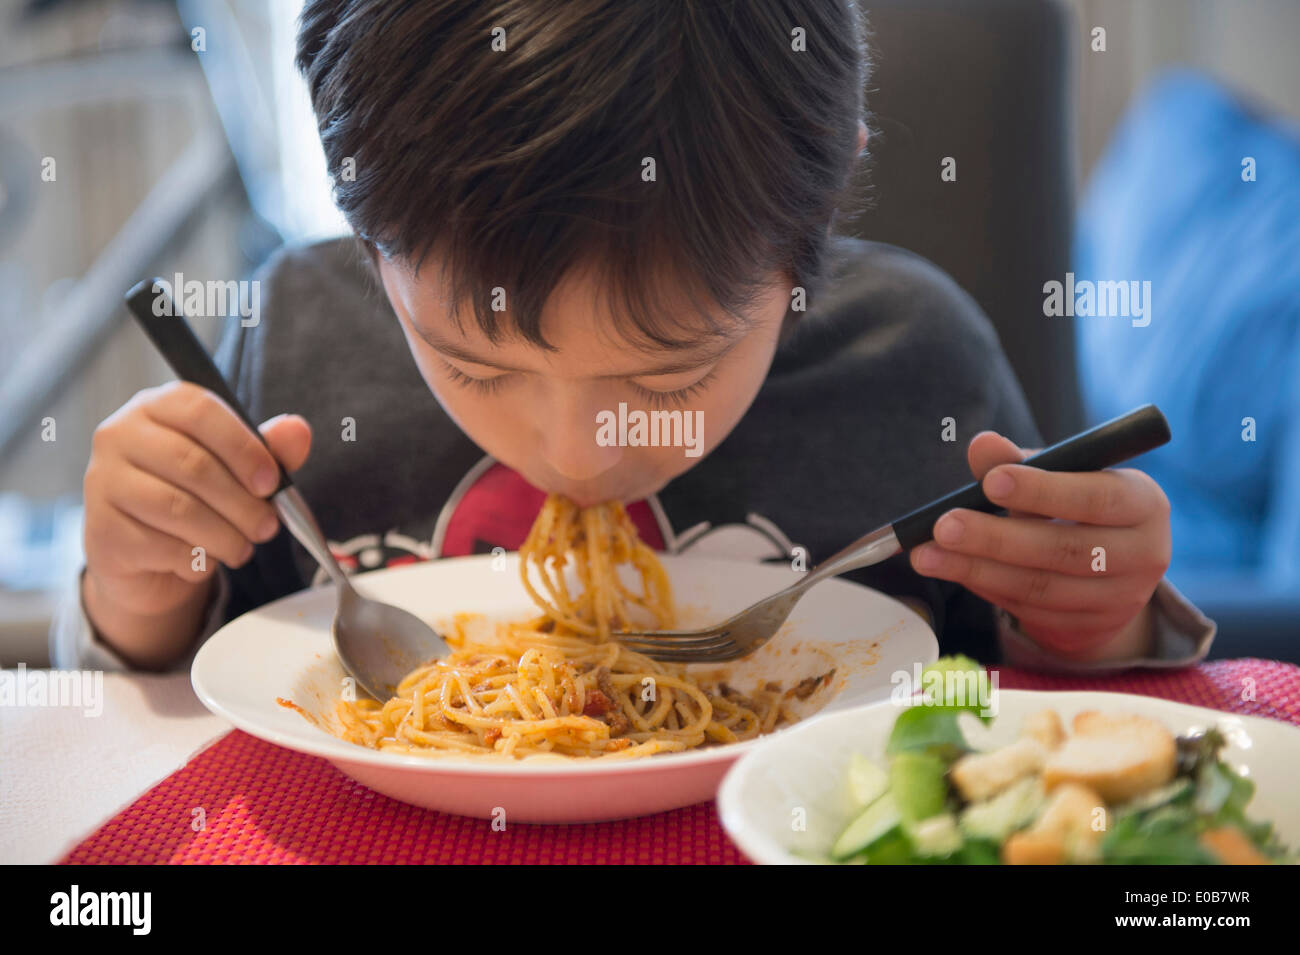 Ragazzo mangiare spaghetti Immagini Stock